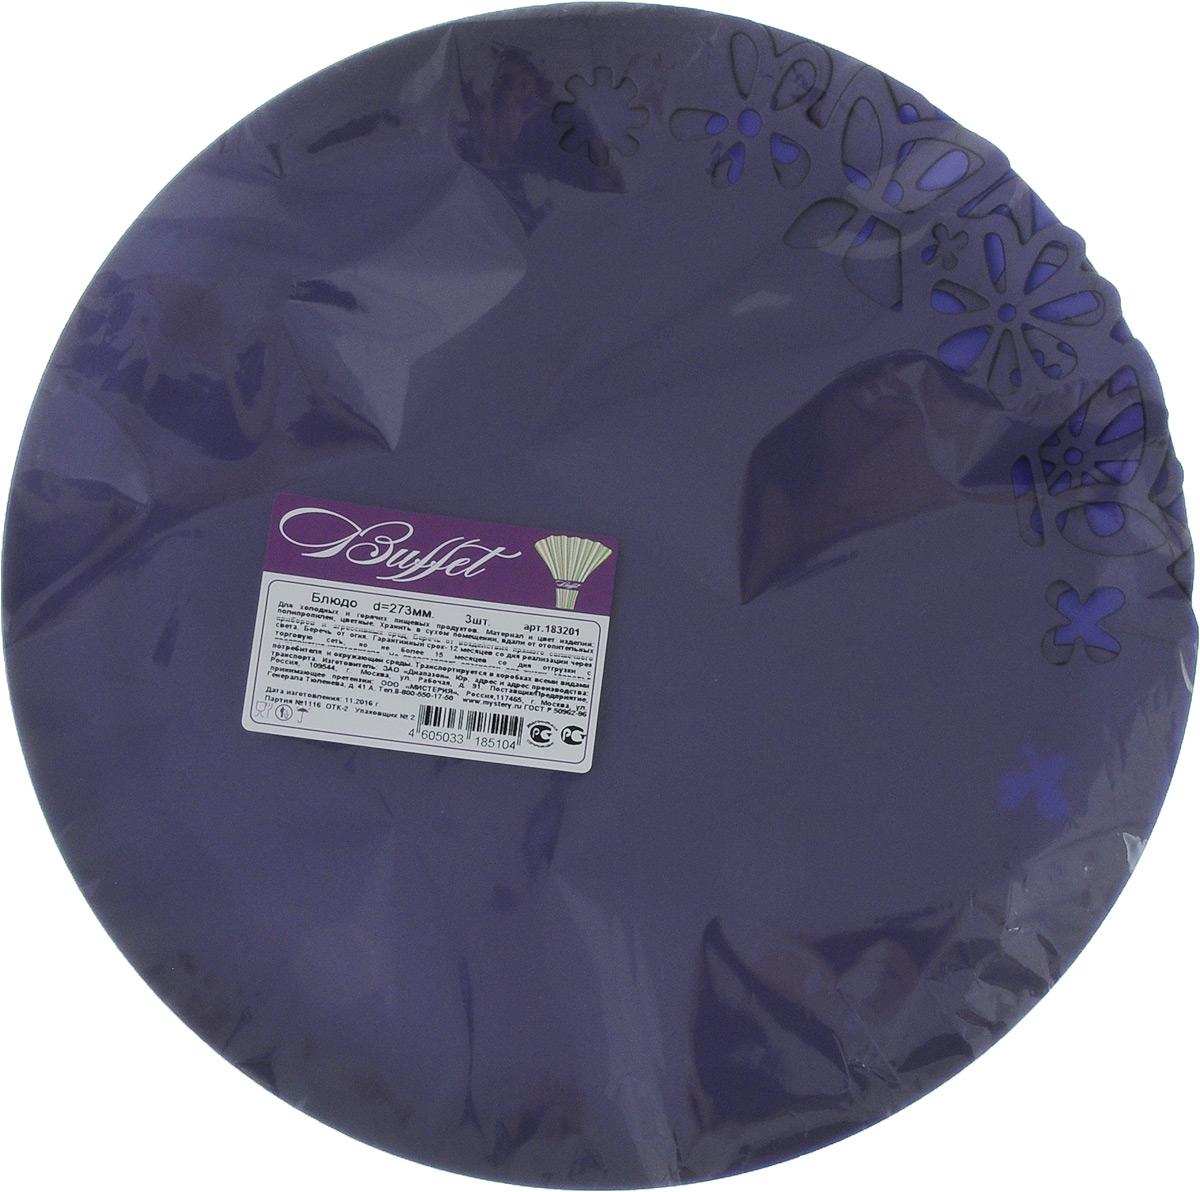 Набор тарелок Buffet, цвет: фиолетовый, диаметр 27,3 см, 3 шт183201_фиолетовыйНабор Buffet состоит из трех тарелок, оформленных декоративной перфорацией. Изделия, изготовленные из высококачественной полипропилена, сочетают в себе изысканный дизайн с максимальной функциональностью. Тарелки предназначены для холодных и горячих (до +70°С) продуктов. Такие тарелки незаменимы в поездках на природу и на пикниках. Диаметр тарелки: 27,3 см. Высота стенки: 1,5 см.